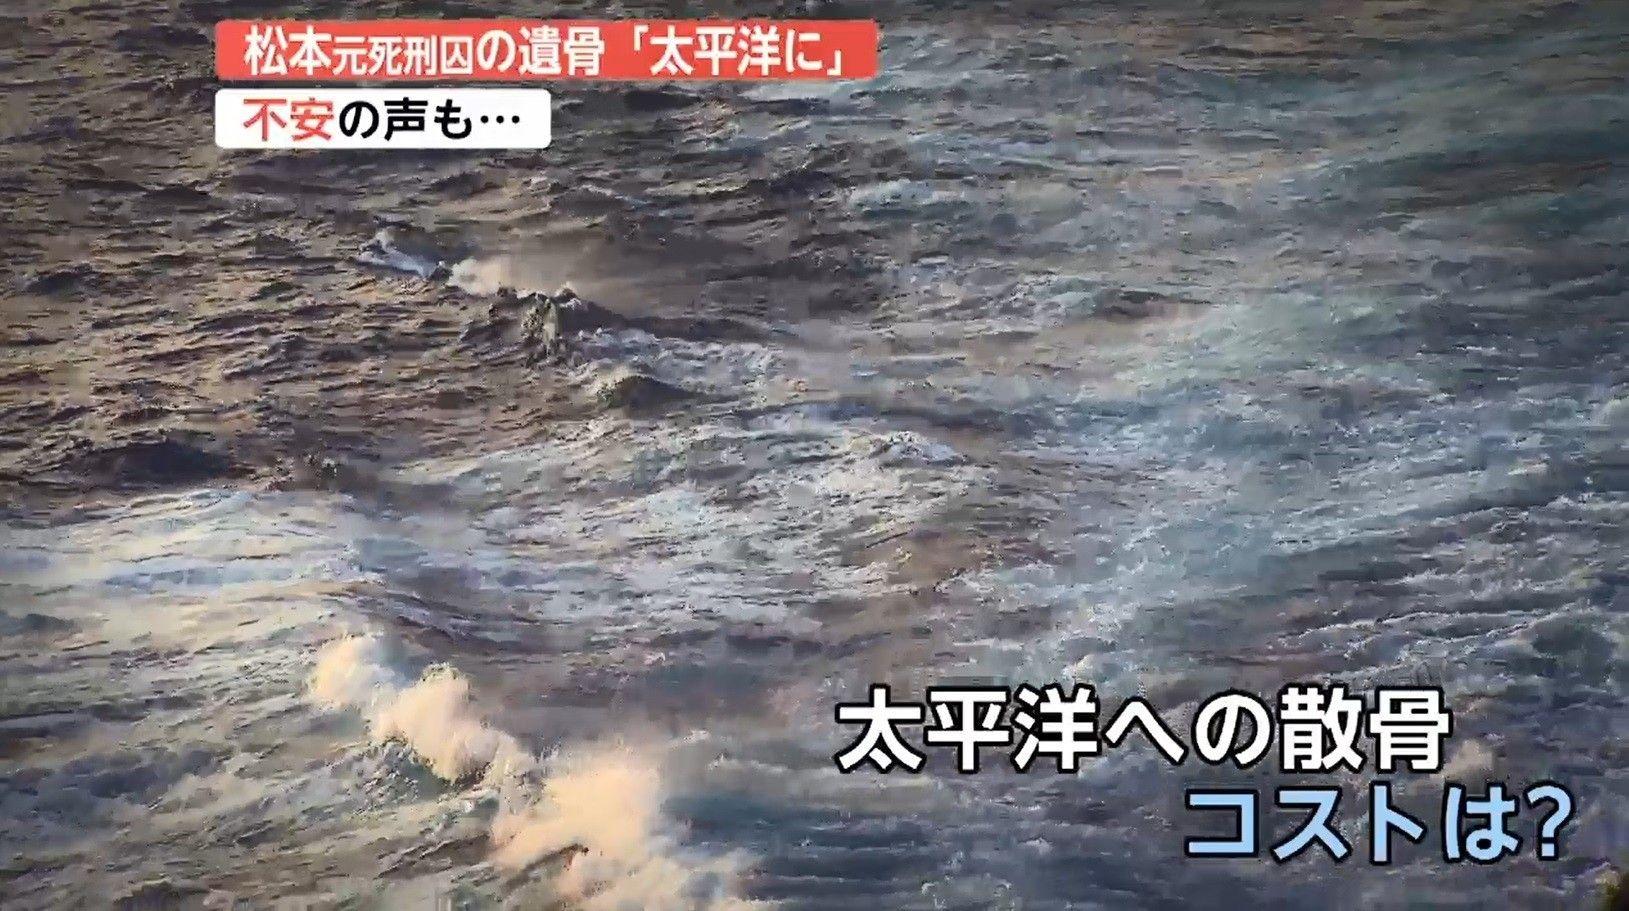 【麻原彰晃】四女「遺灰を海に」サーファー「何か嫌だ」漁師「麻原の残骸を食った魚とかキツい」